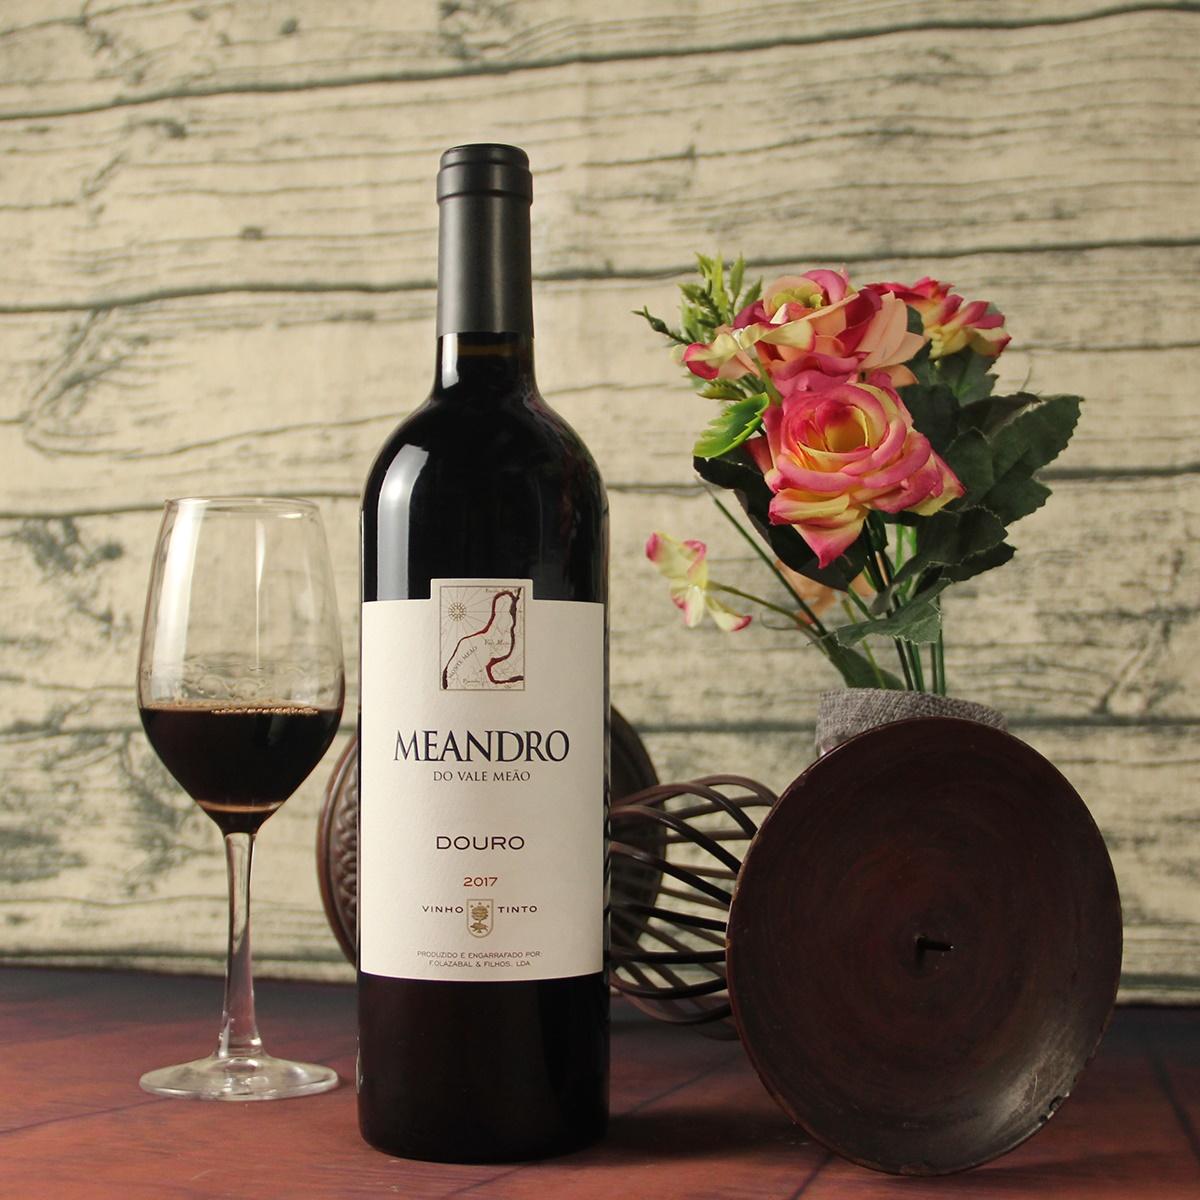 葡萄牙杜罗河华丽美奥酒庄混酿美安祖干红葡萄酒